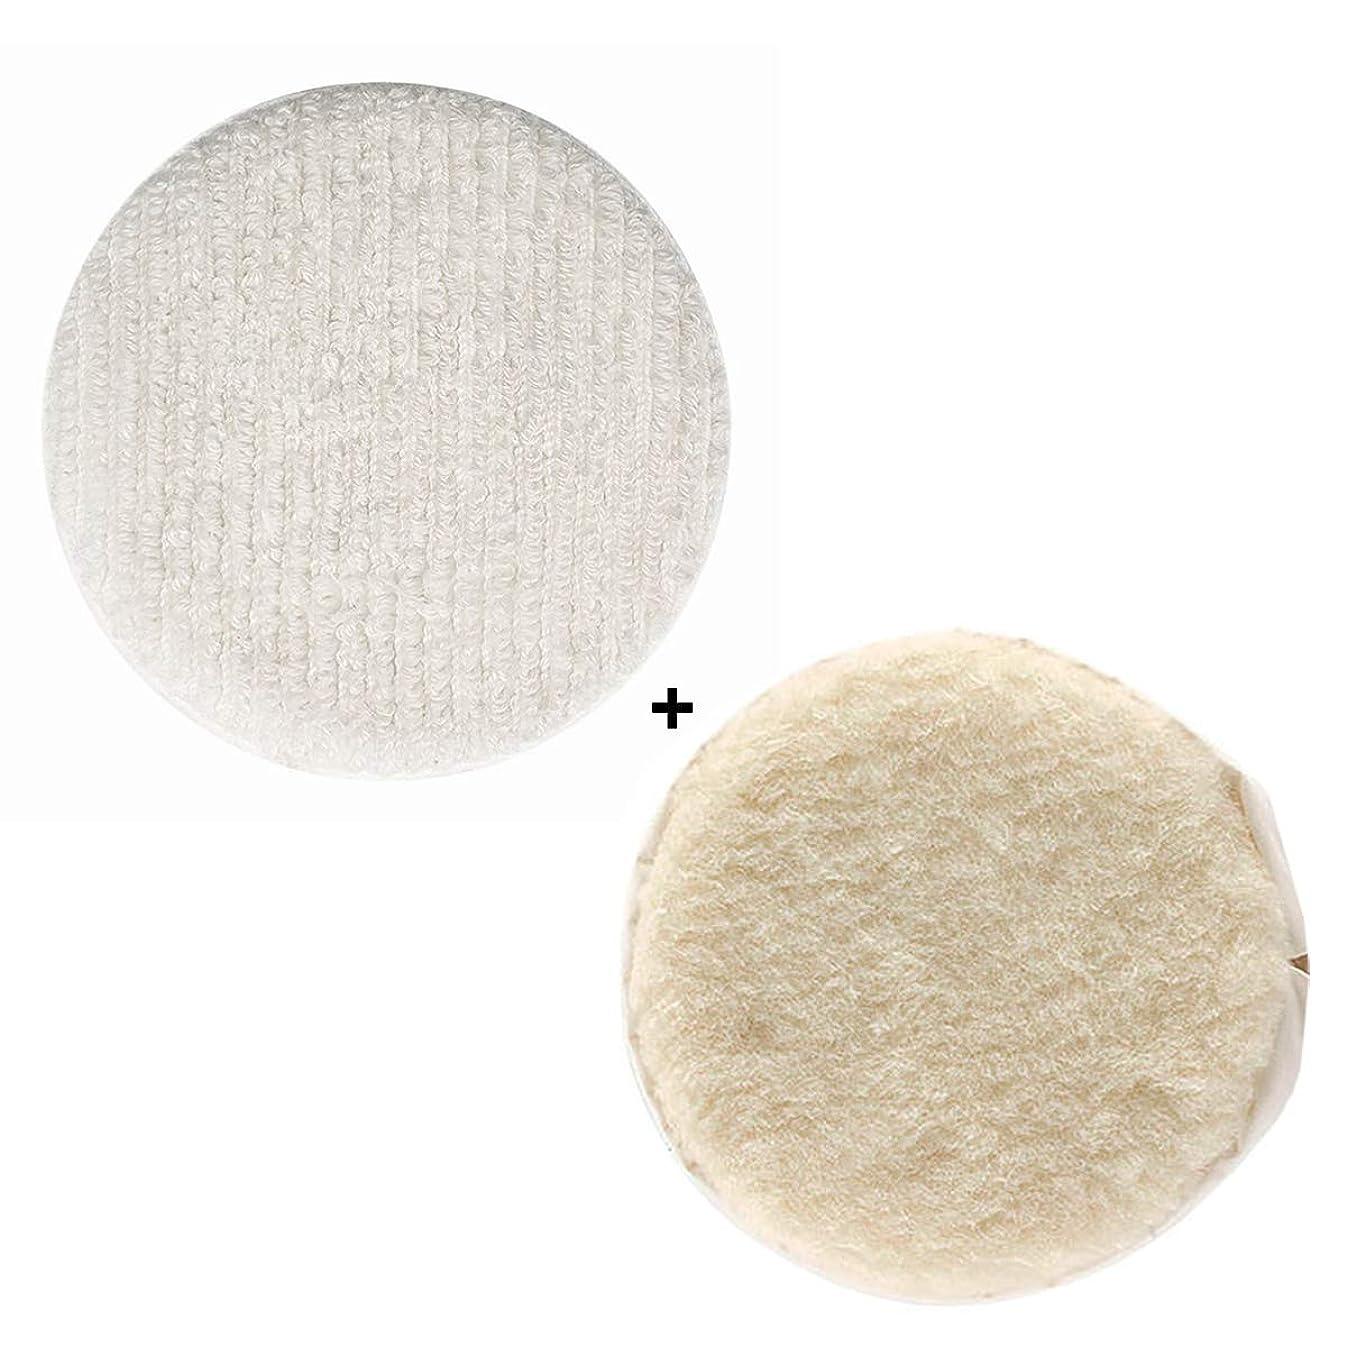 Oreck Commercial Carpet Bonnet AND Lambs Wool Bonnet Orbiter Pads (12